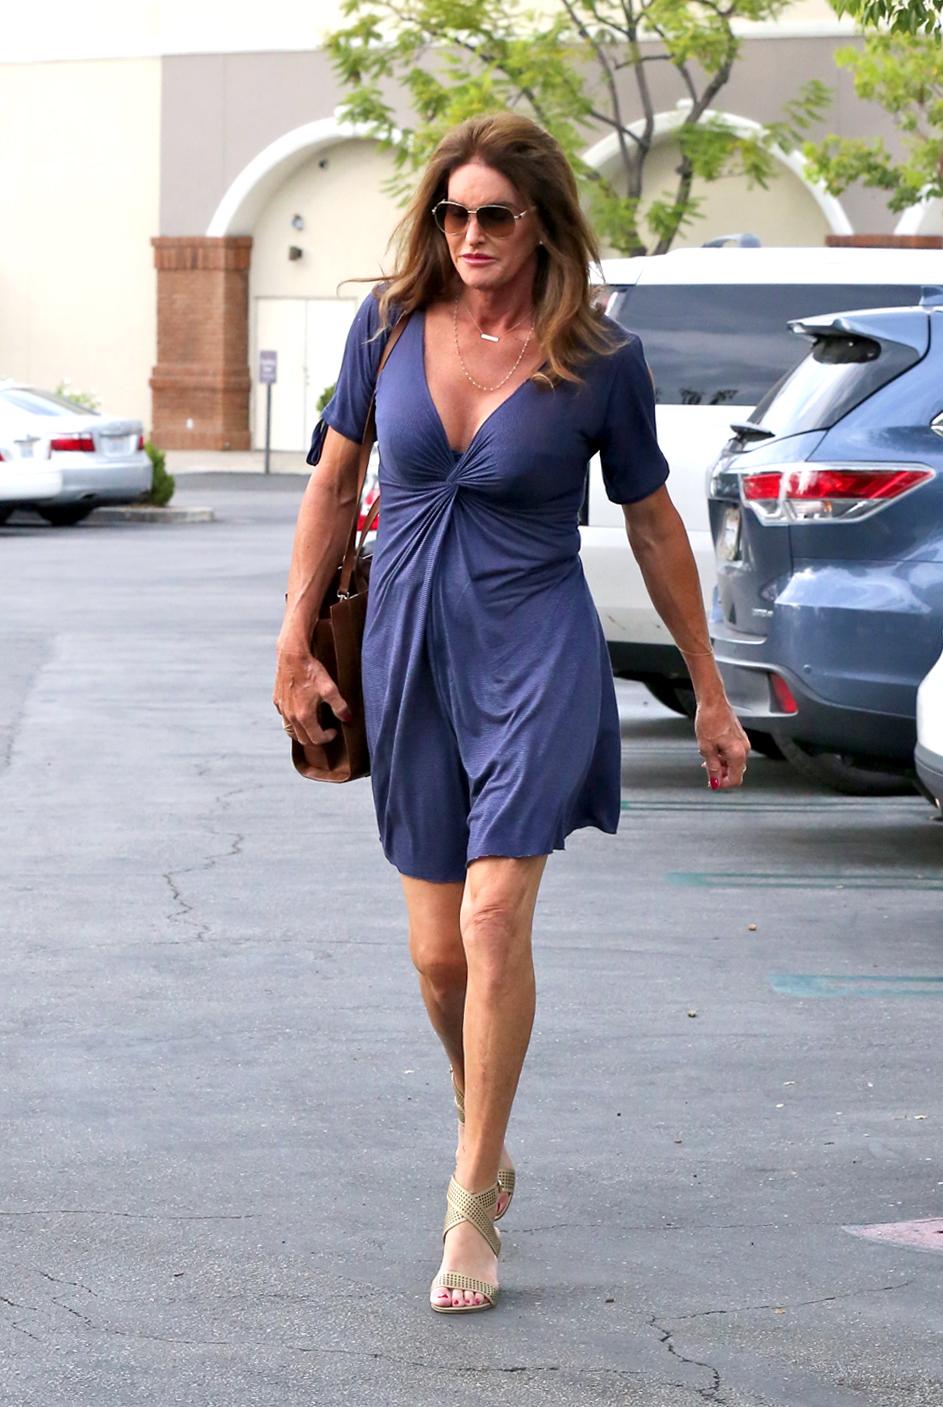 Caitlyn Jenner Style Photos Caitlyn Jenner Best Looks